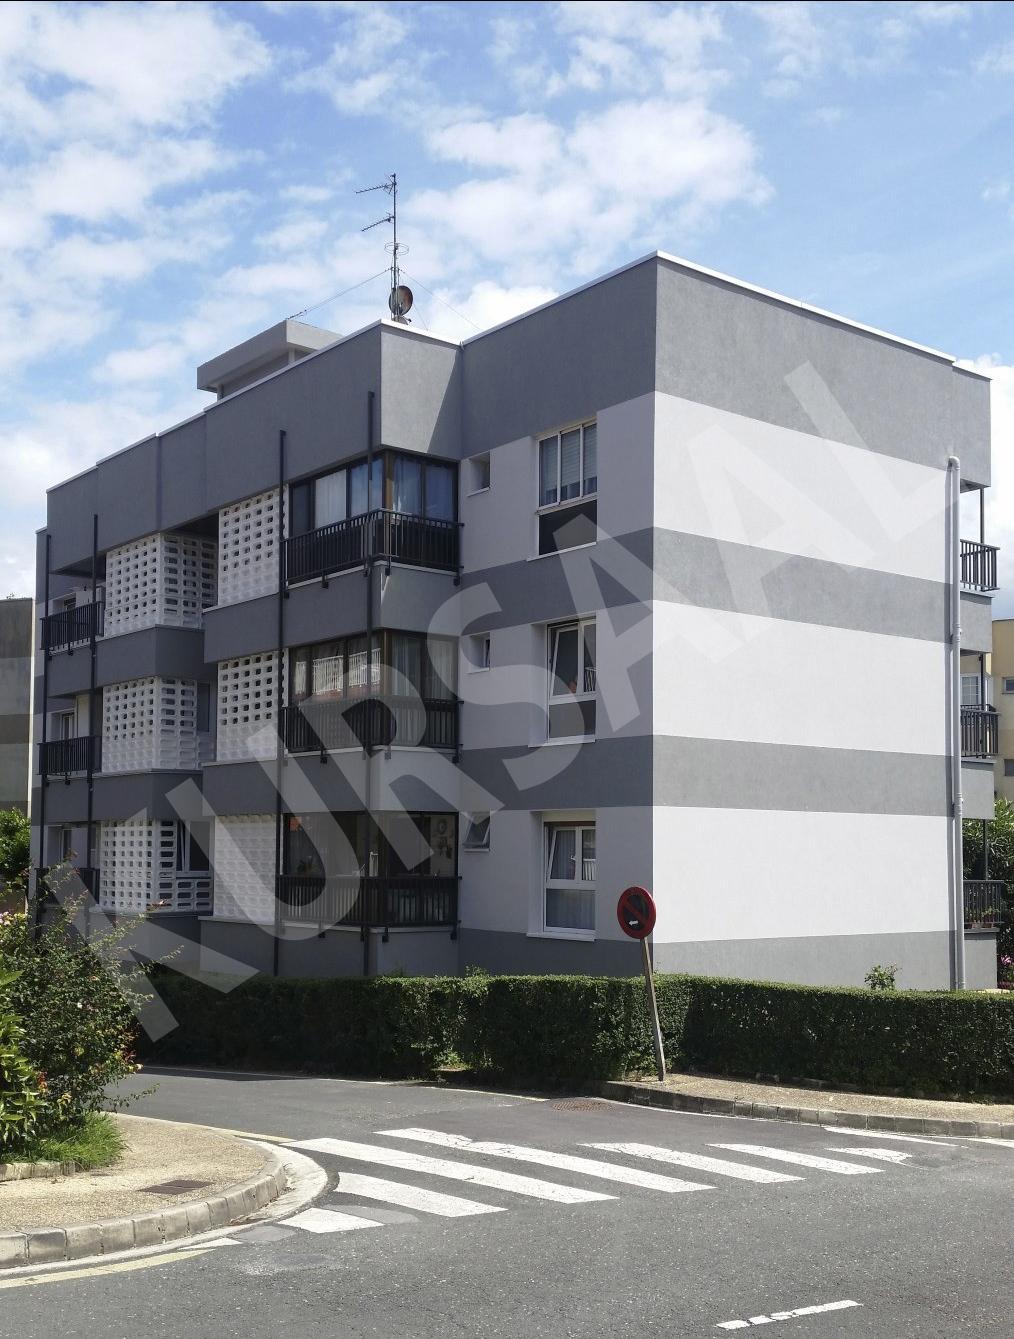 trabajo realizado en: Aislamientos Térmicos y Eficiencia Energética-SATE-Donostia-Belizalde 21